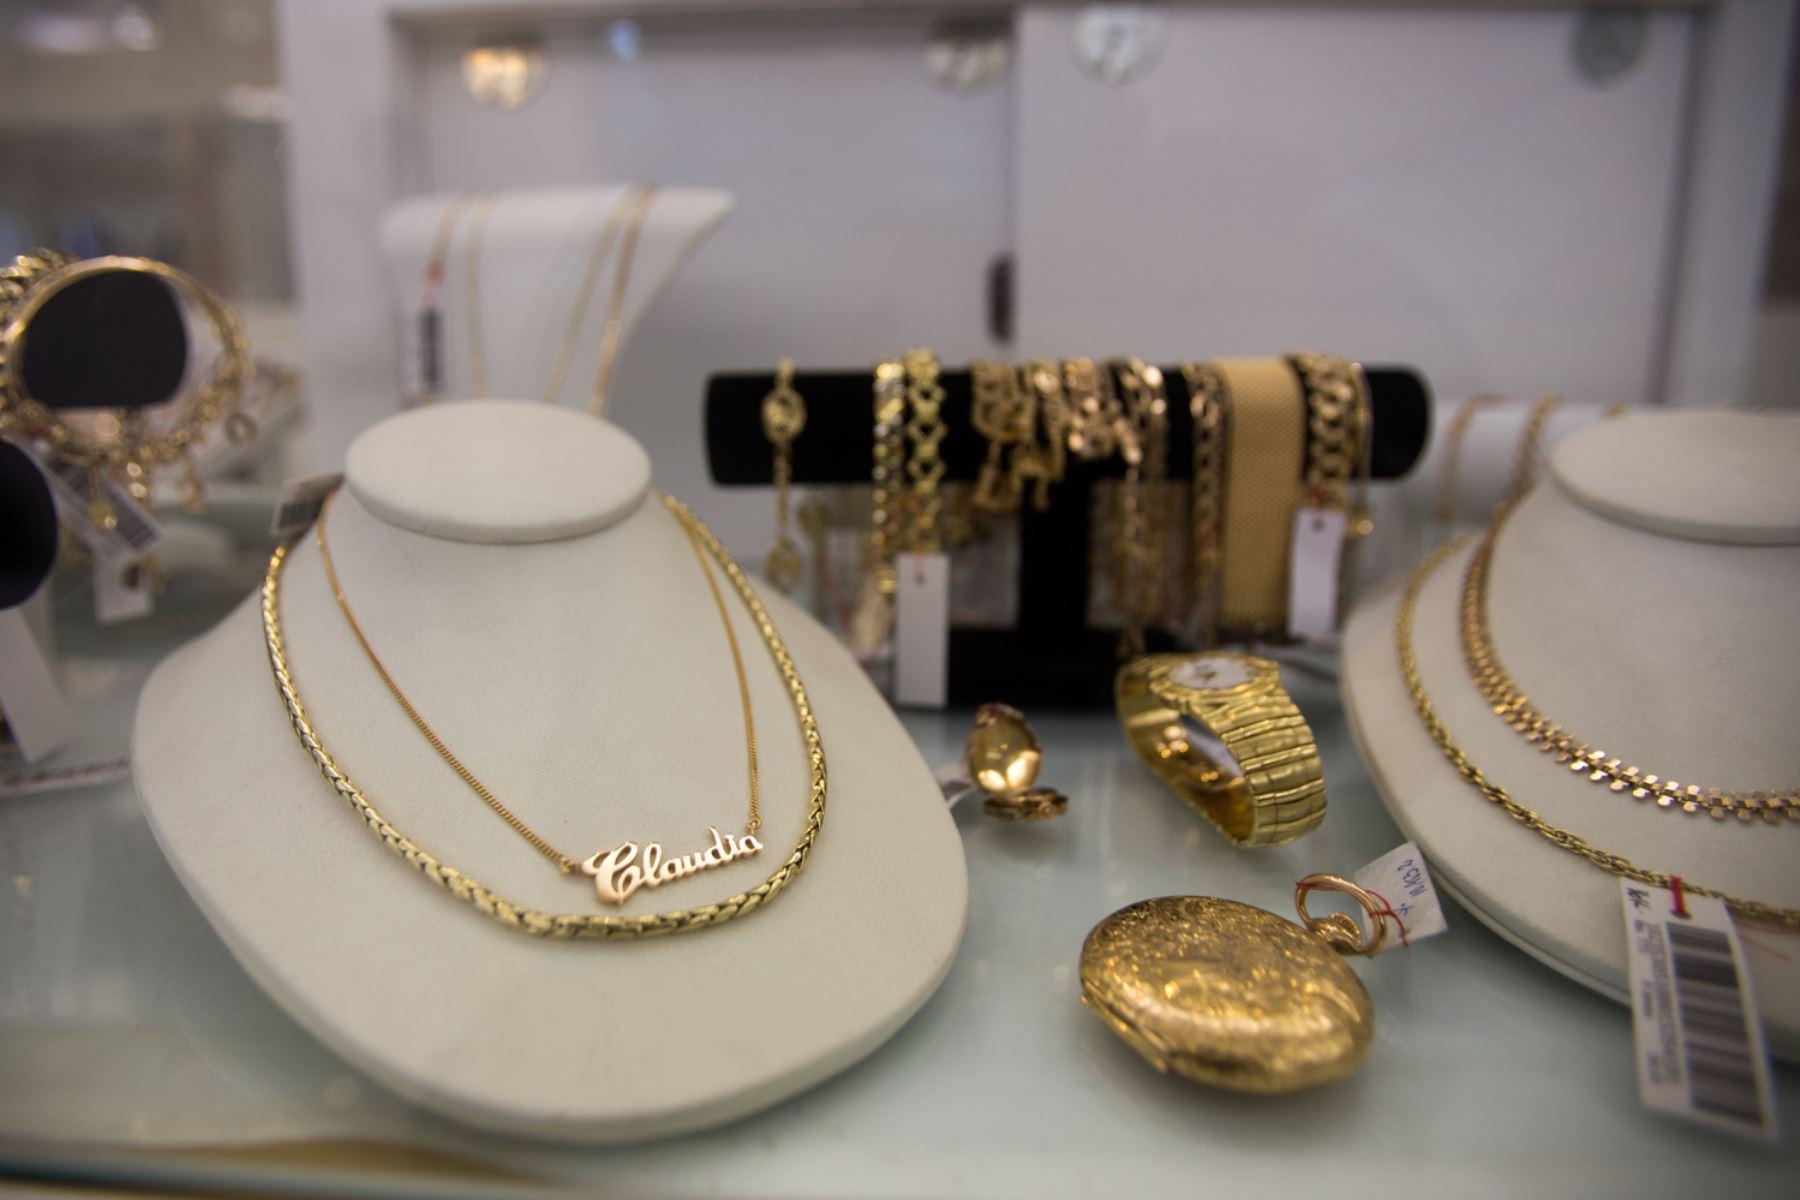 Anillos de compromiso, pulseras y otras piezas tendrán precios especiales. Foto: Difusión